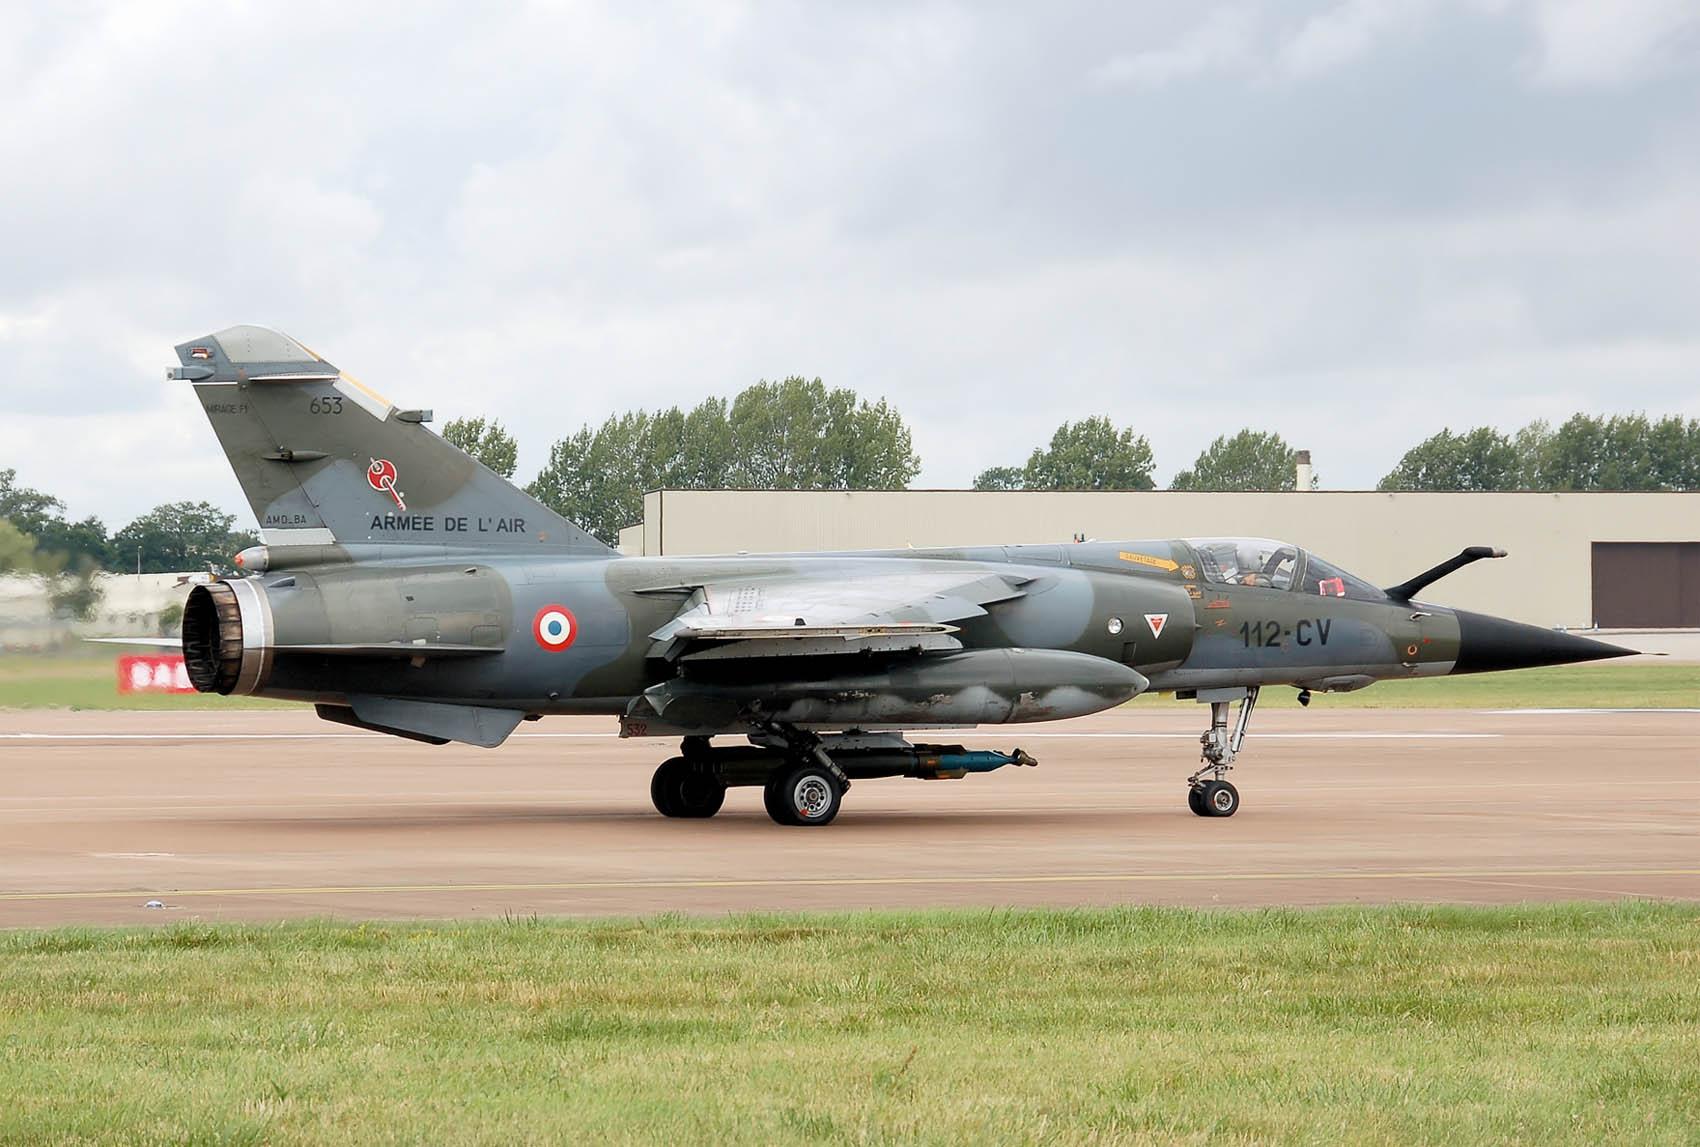 Italian Mirage Jet